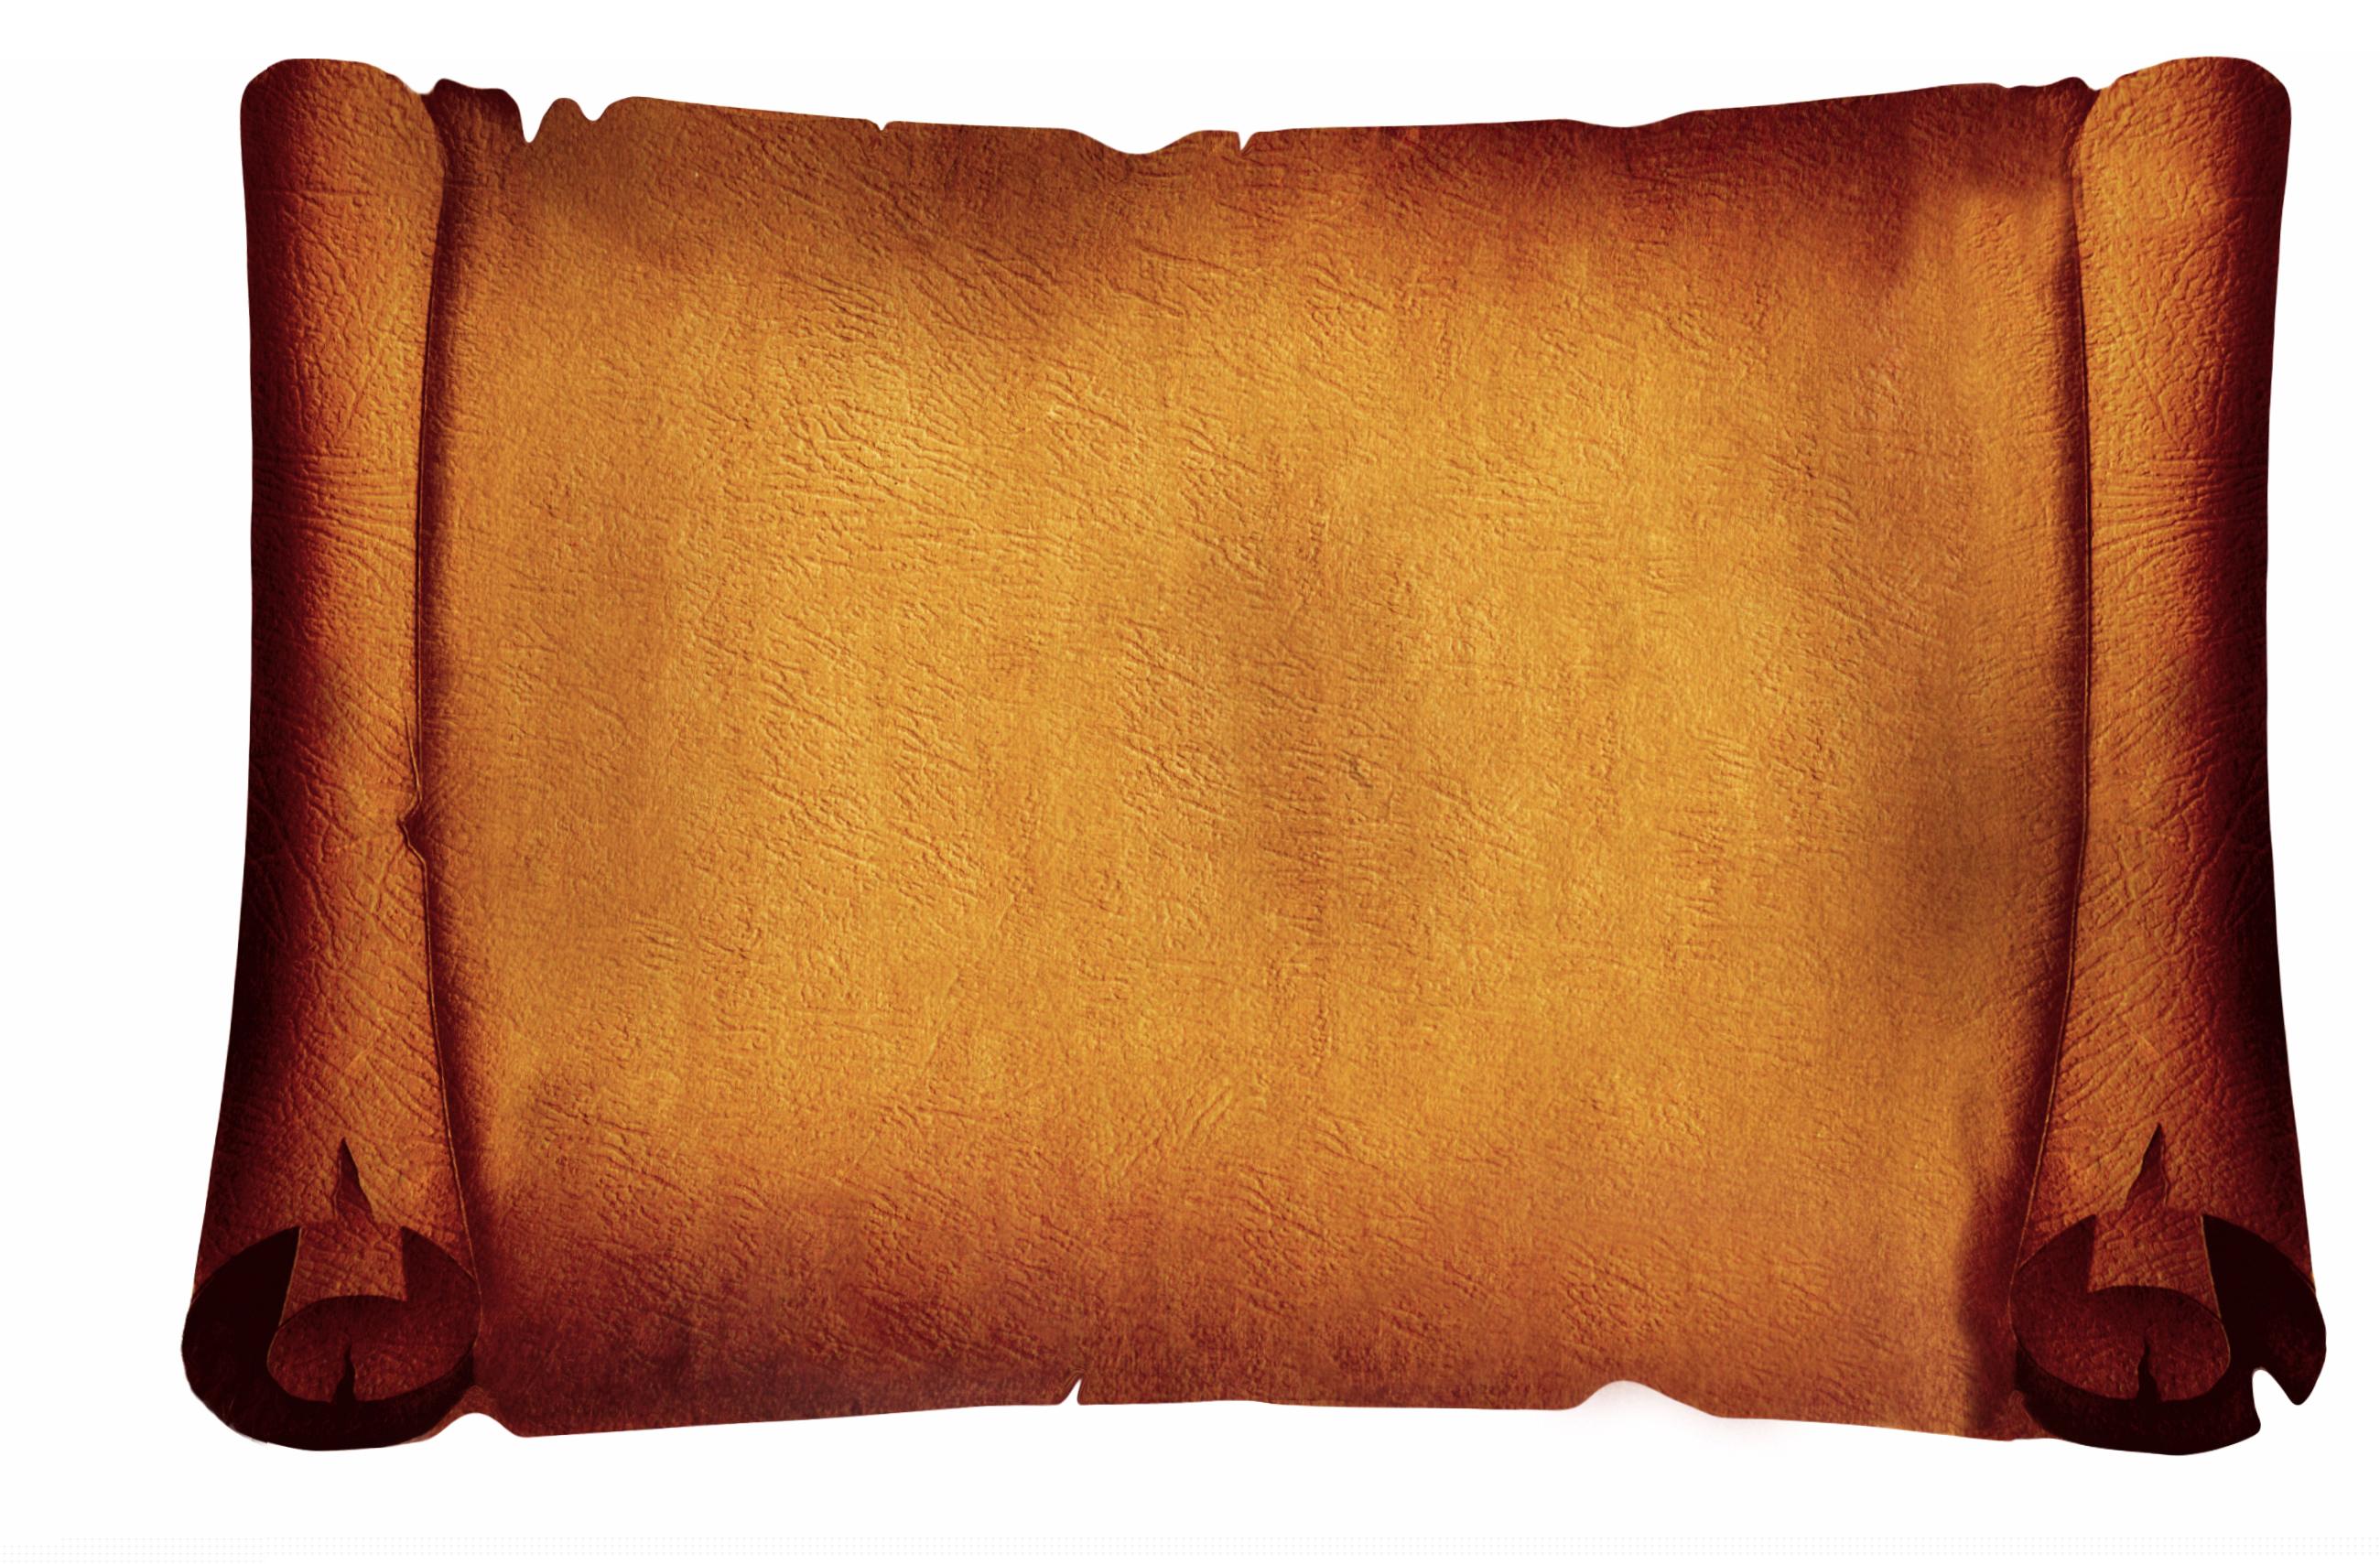 Именем, картинки пергамент